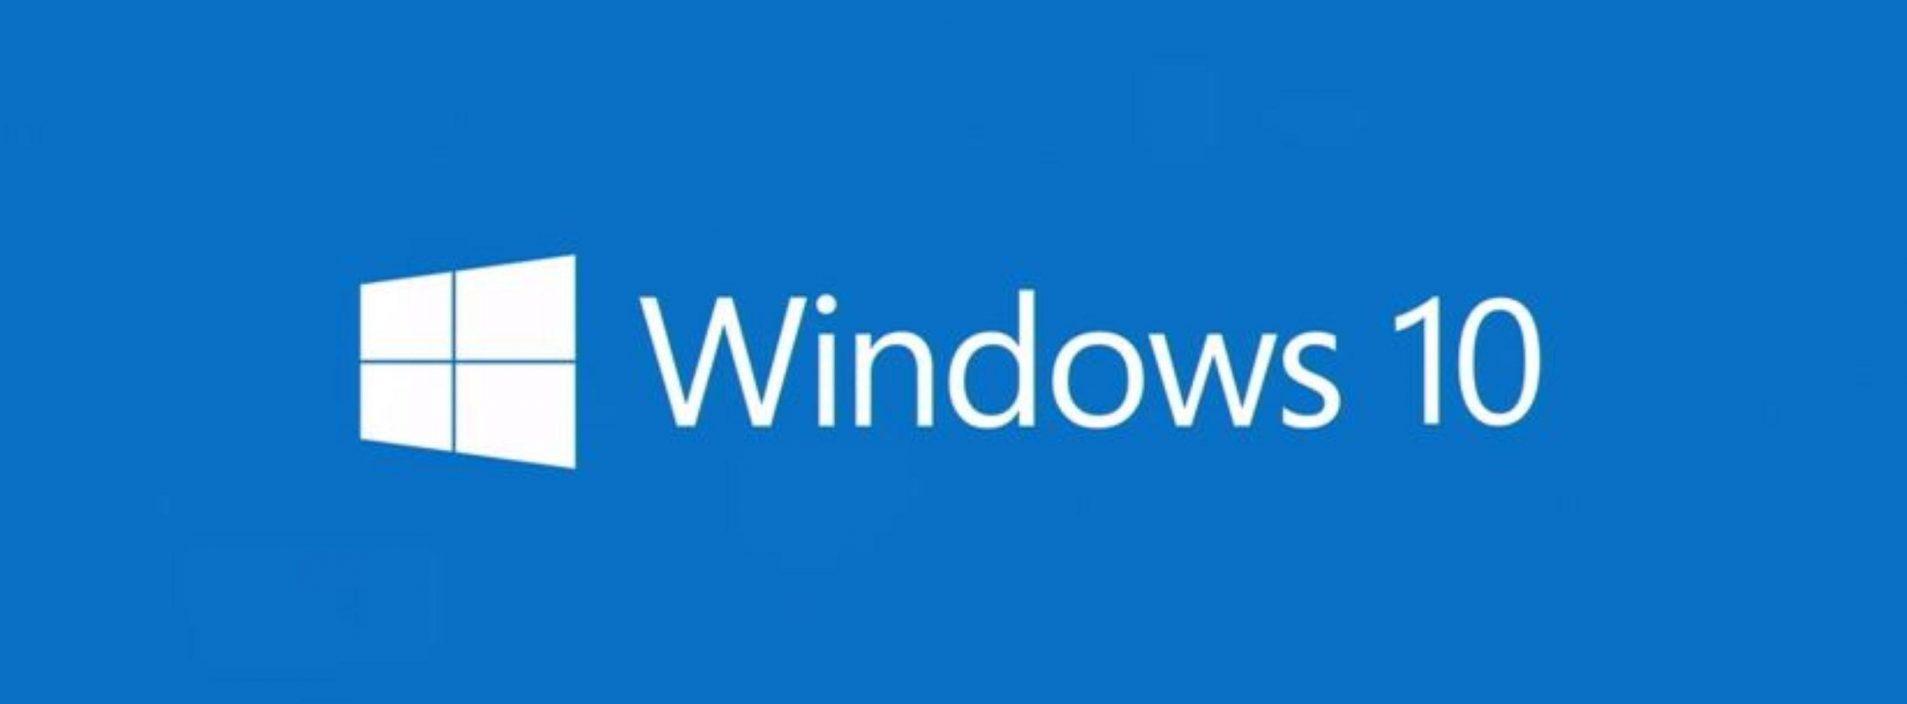 Windows 10 com 24% de Marketshare em Novembro